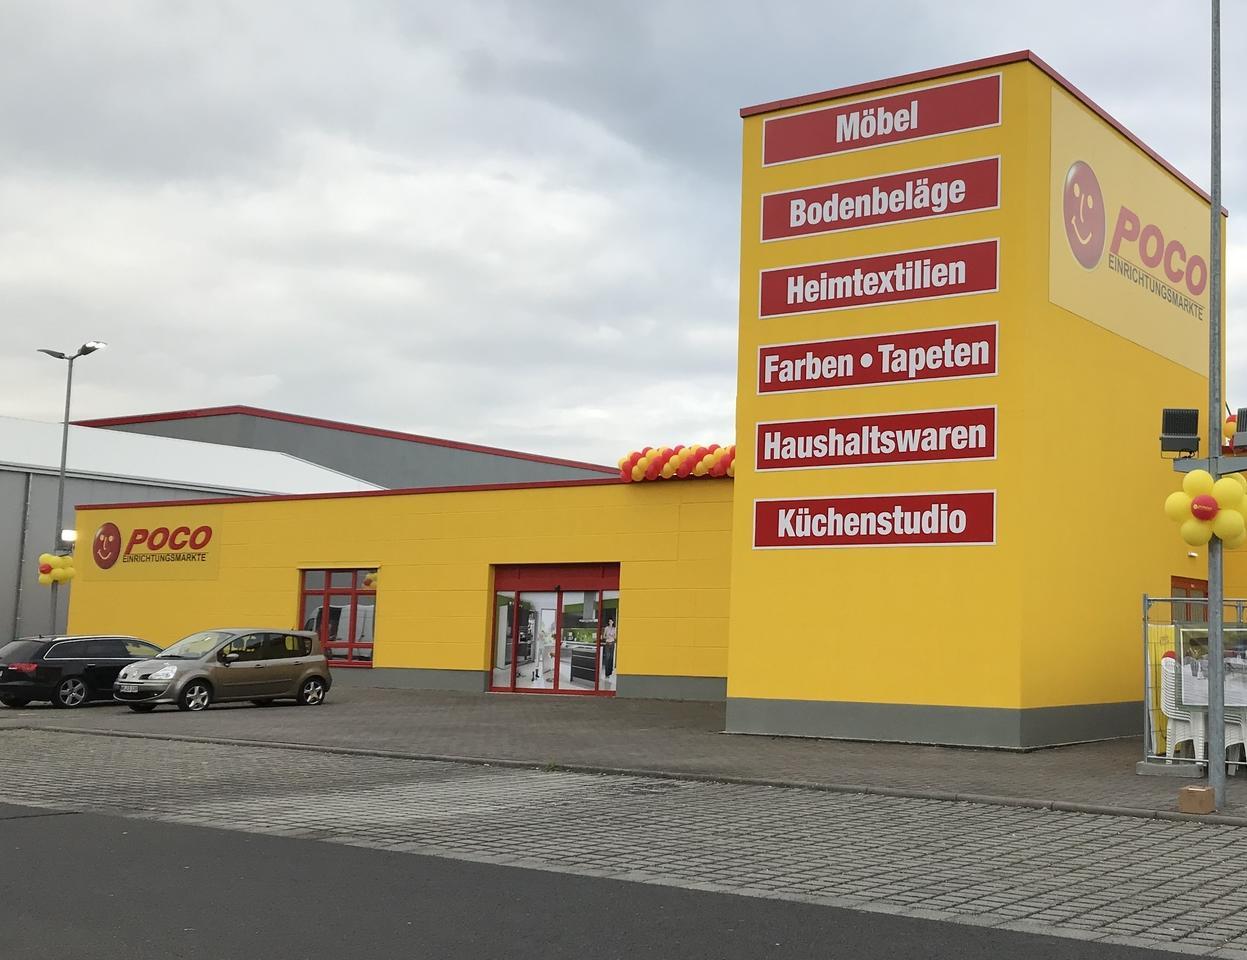 Poco Geht Im Müllerland Komplex An Den Start Möbelmarkt Investiert